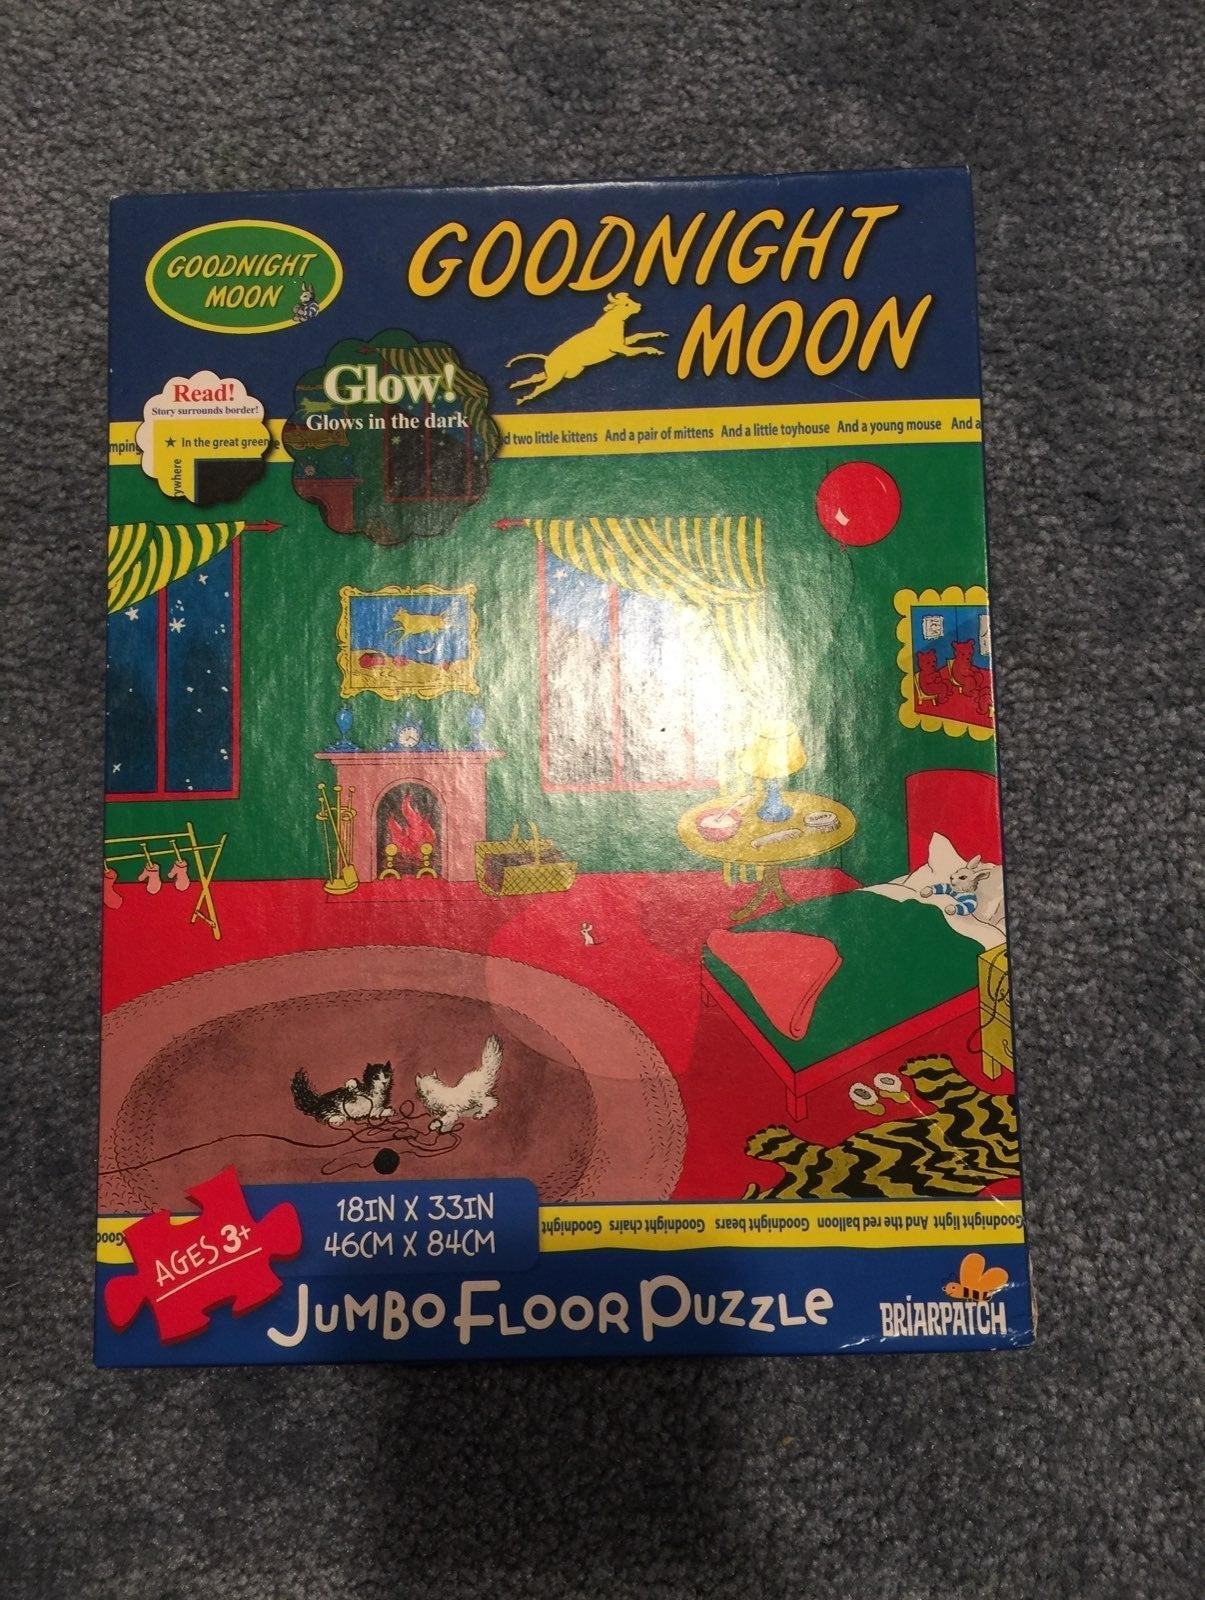 Goodnight Moon Jumbo floor puzzle